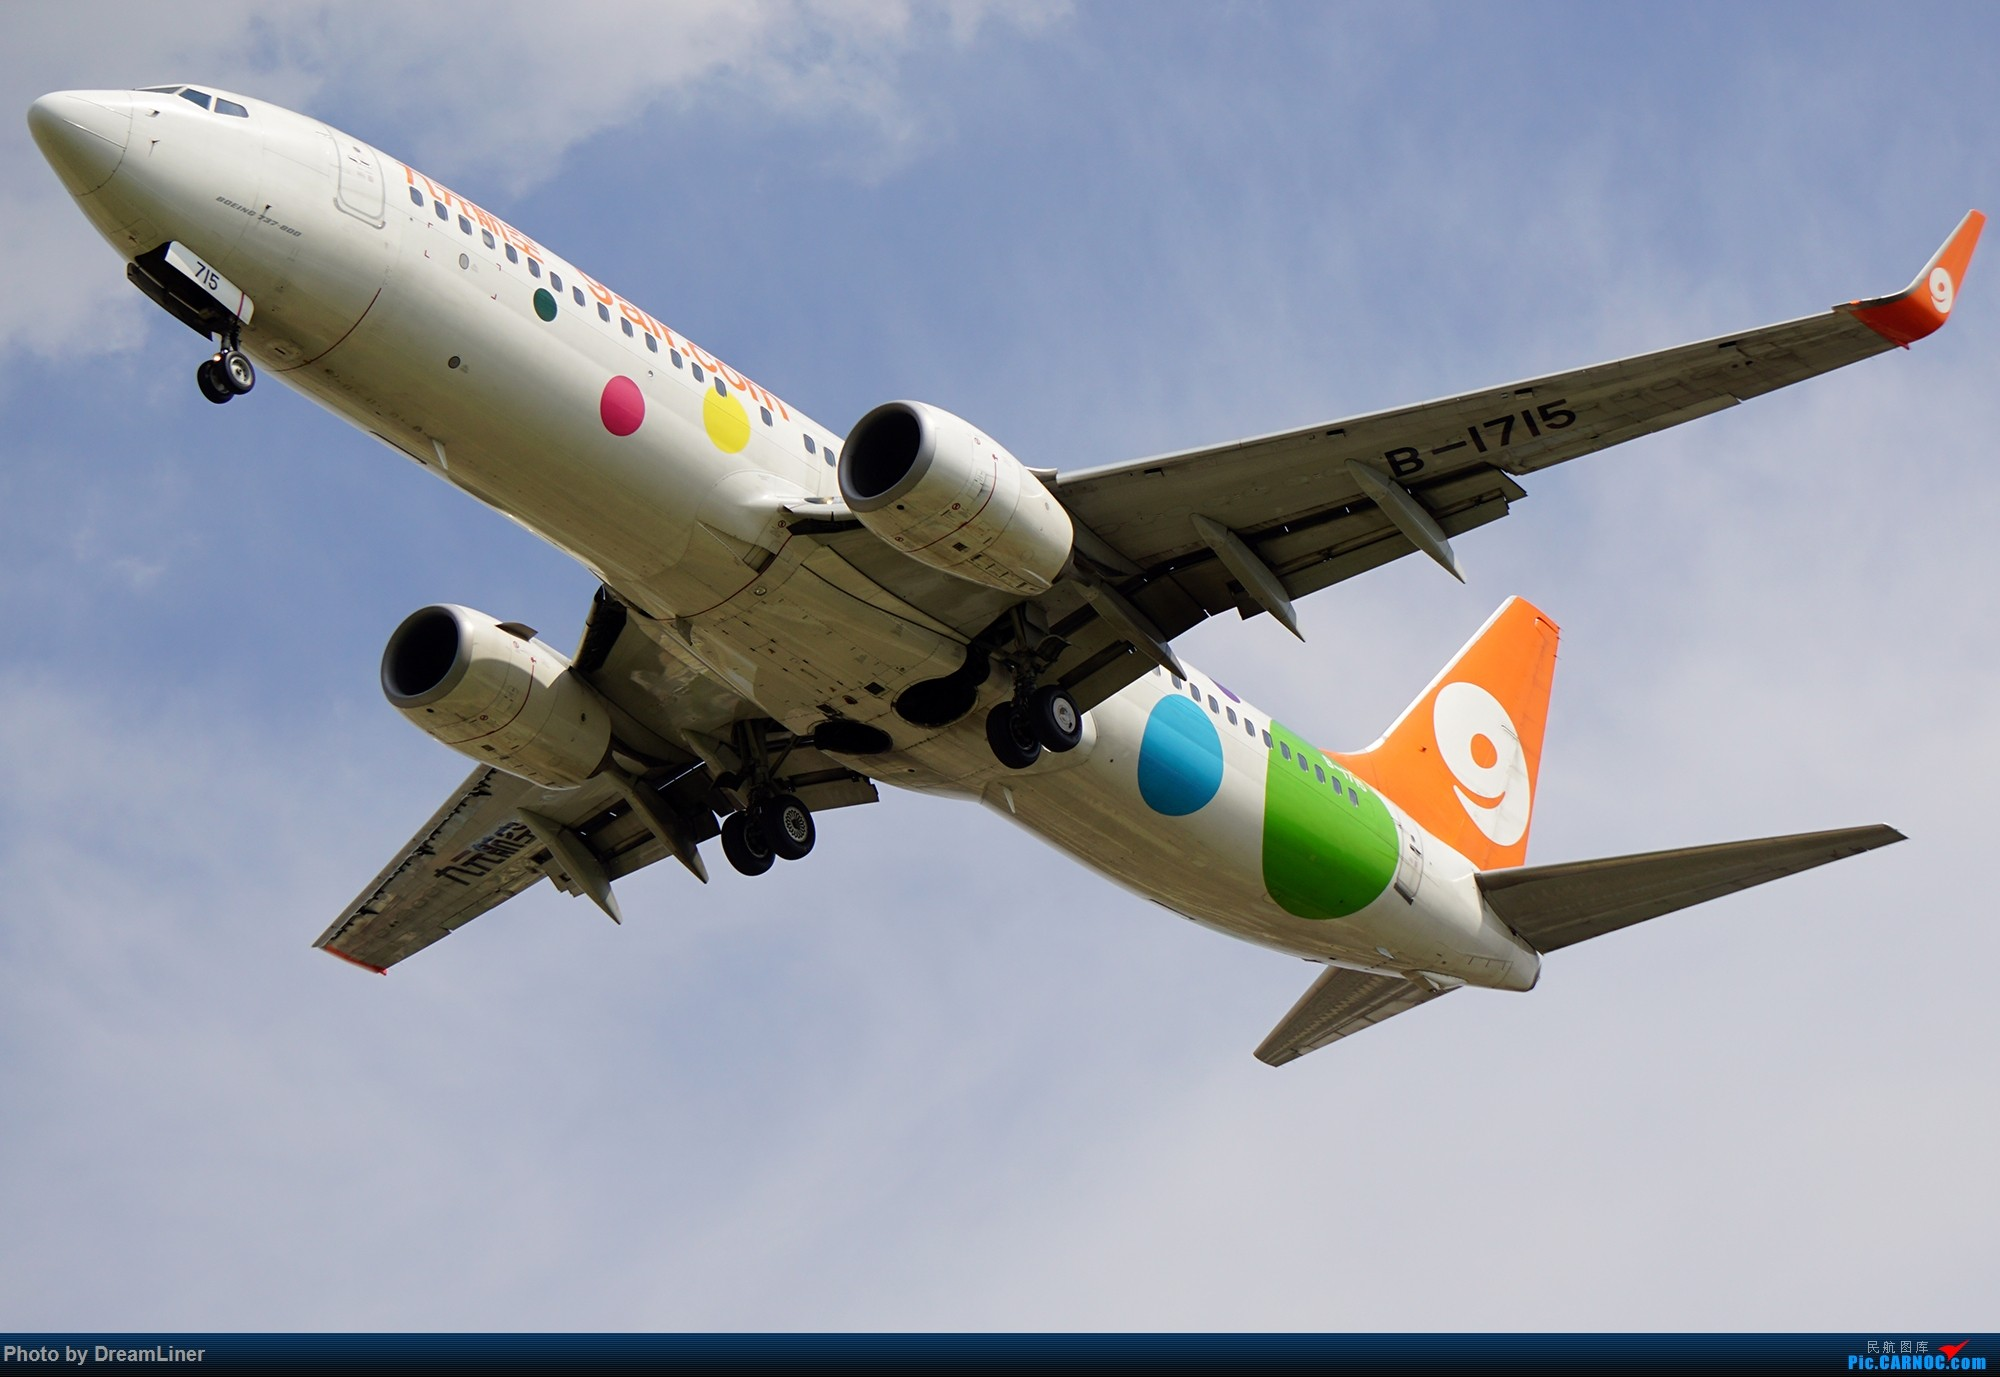 Re:[原创]17年暑假和今年寒假的ZGGG拍机成果 BOEING 737-800 B-1715 中国广州白云国际机场